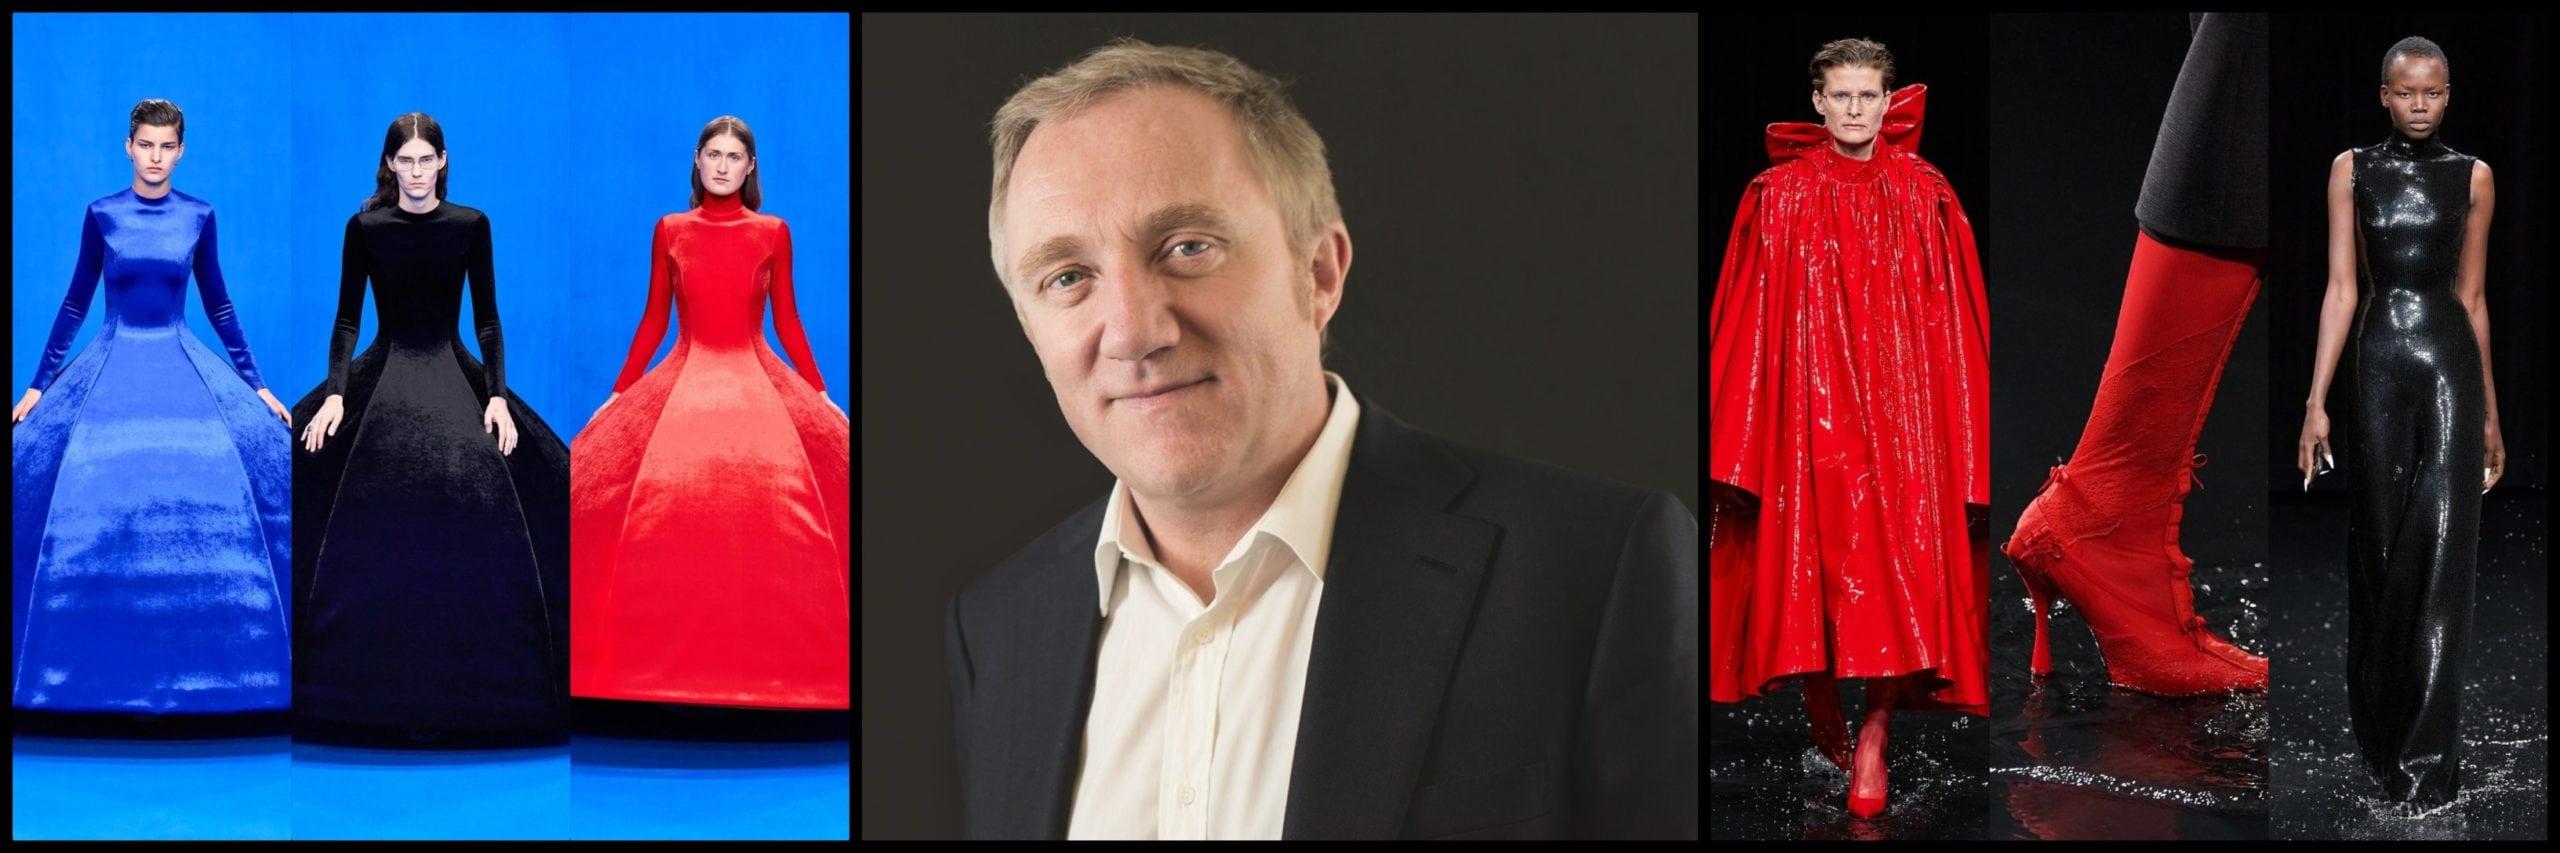 François-Henri Pinault, CEO of Group Kering - Balenciaga